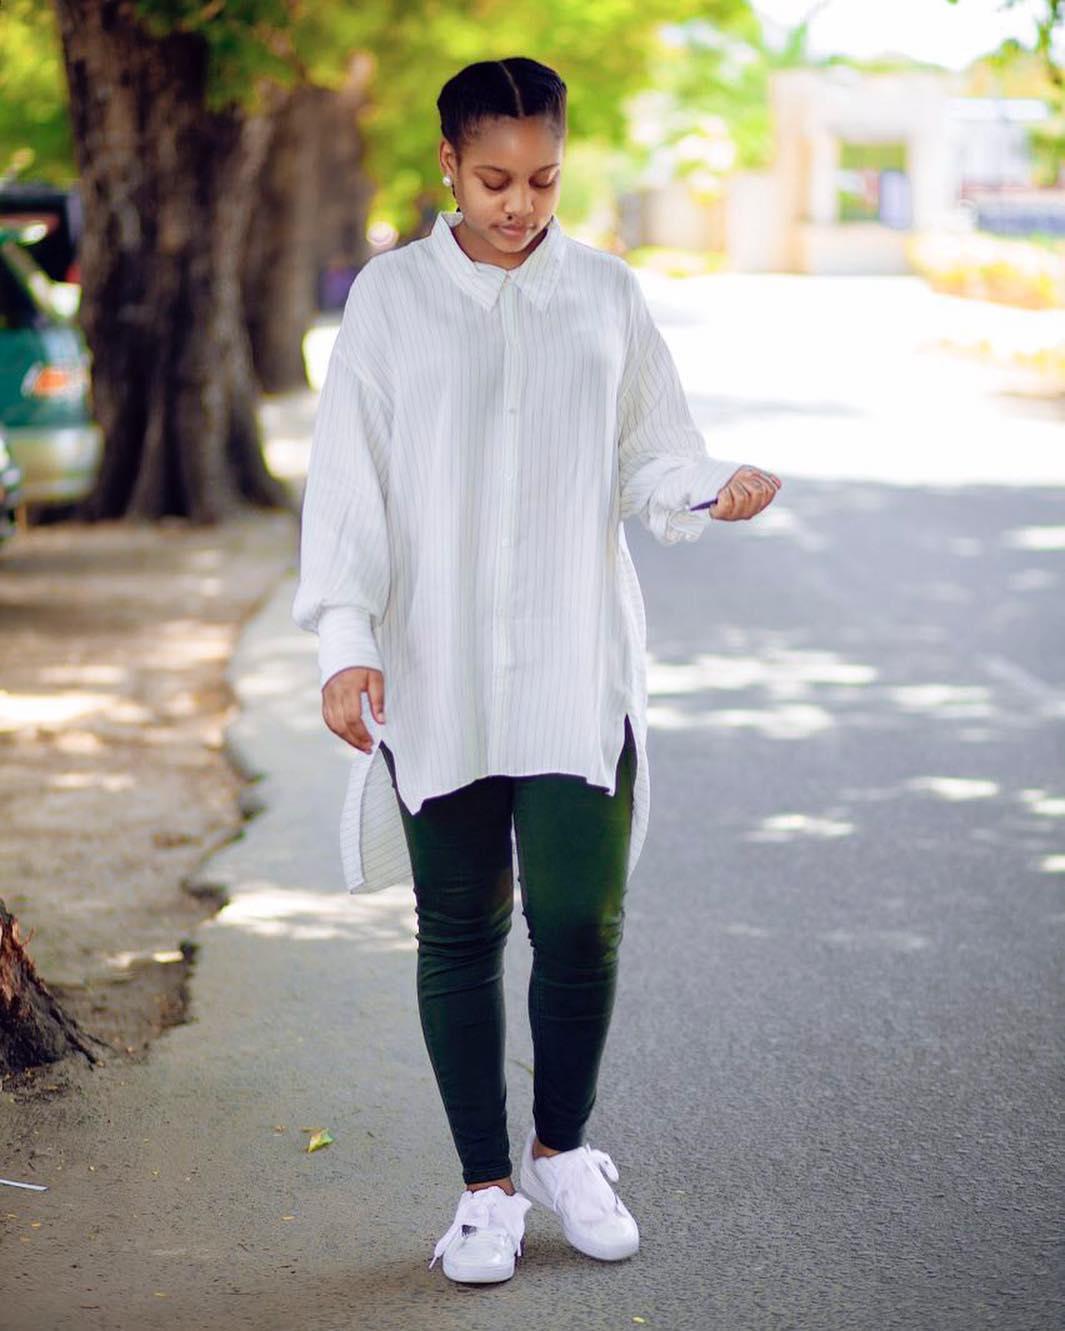 Jokate Mwegelo rocking Puma Women's Basketball Patent Lace Up Sneakers. photo credit: Instagram/jokatemwegelo